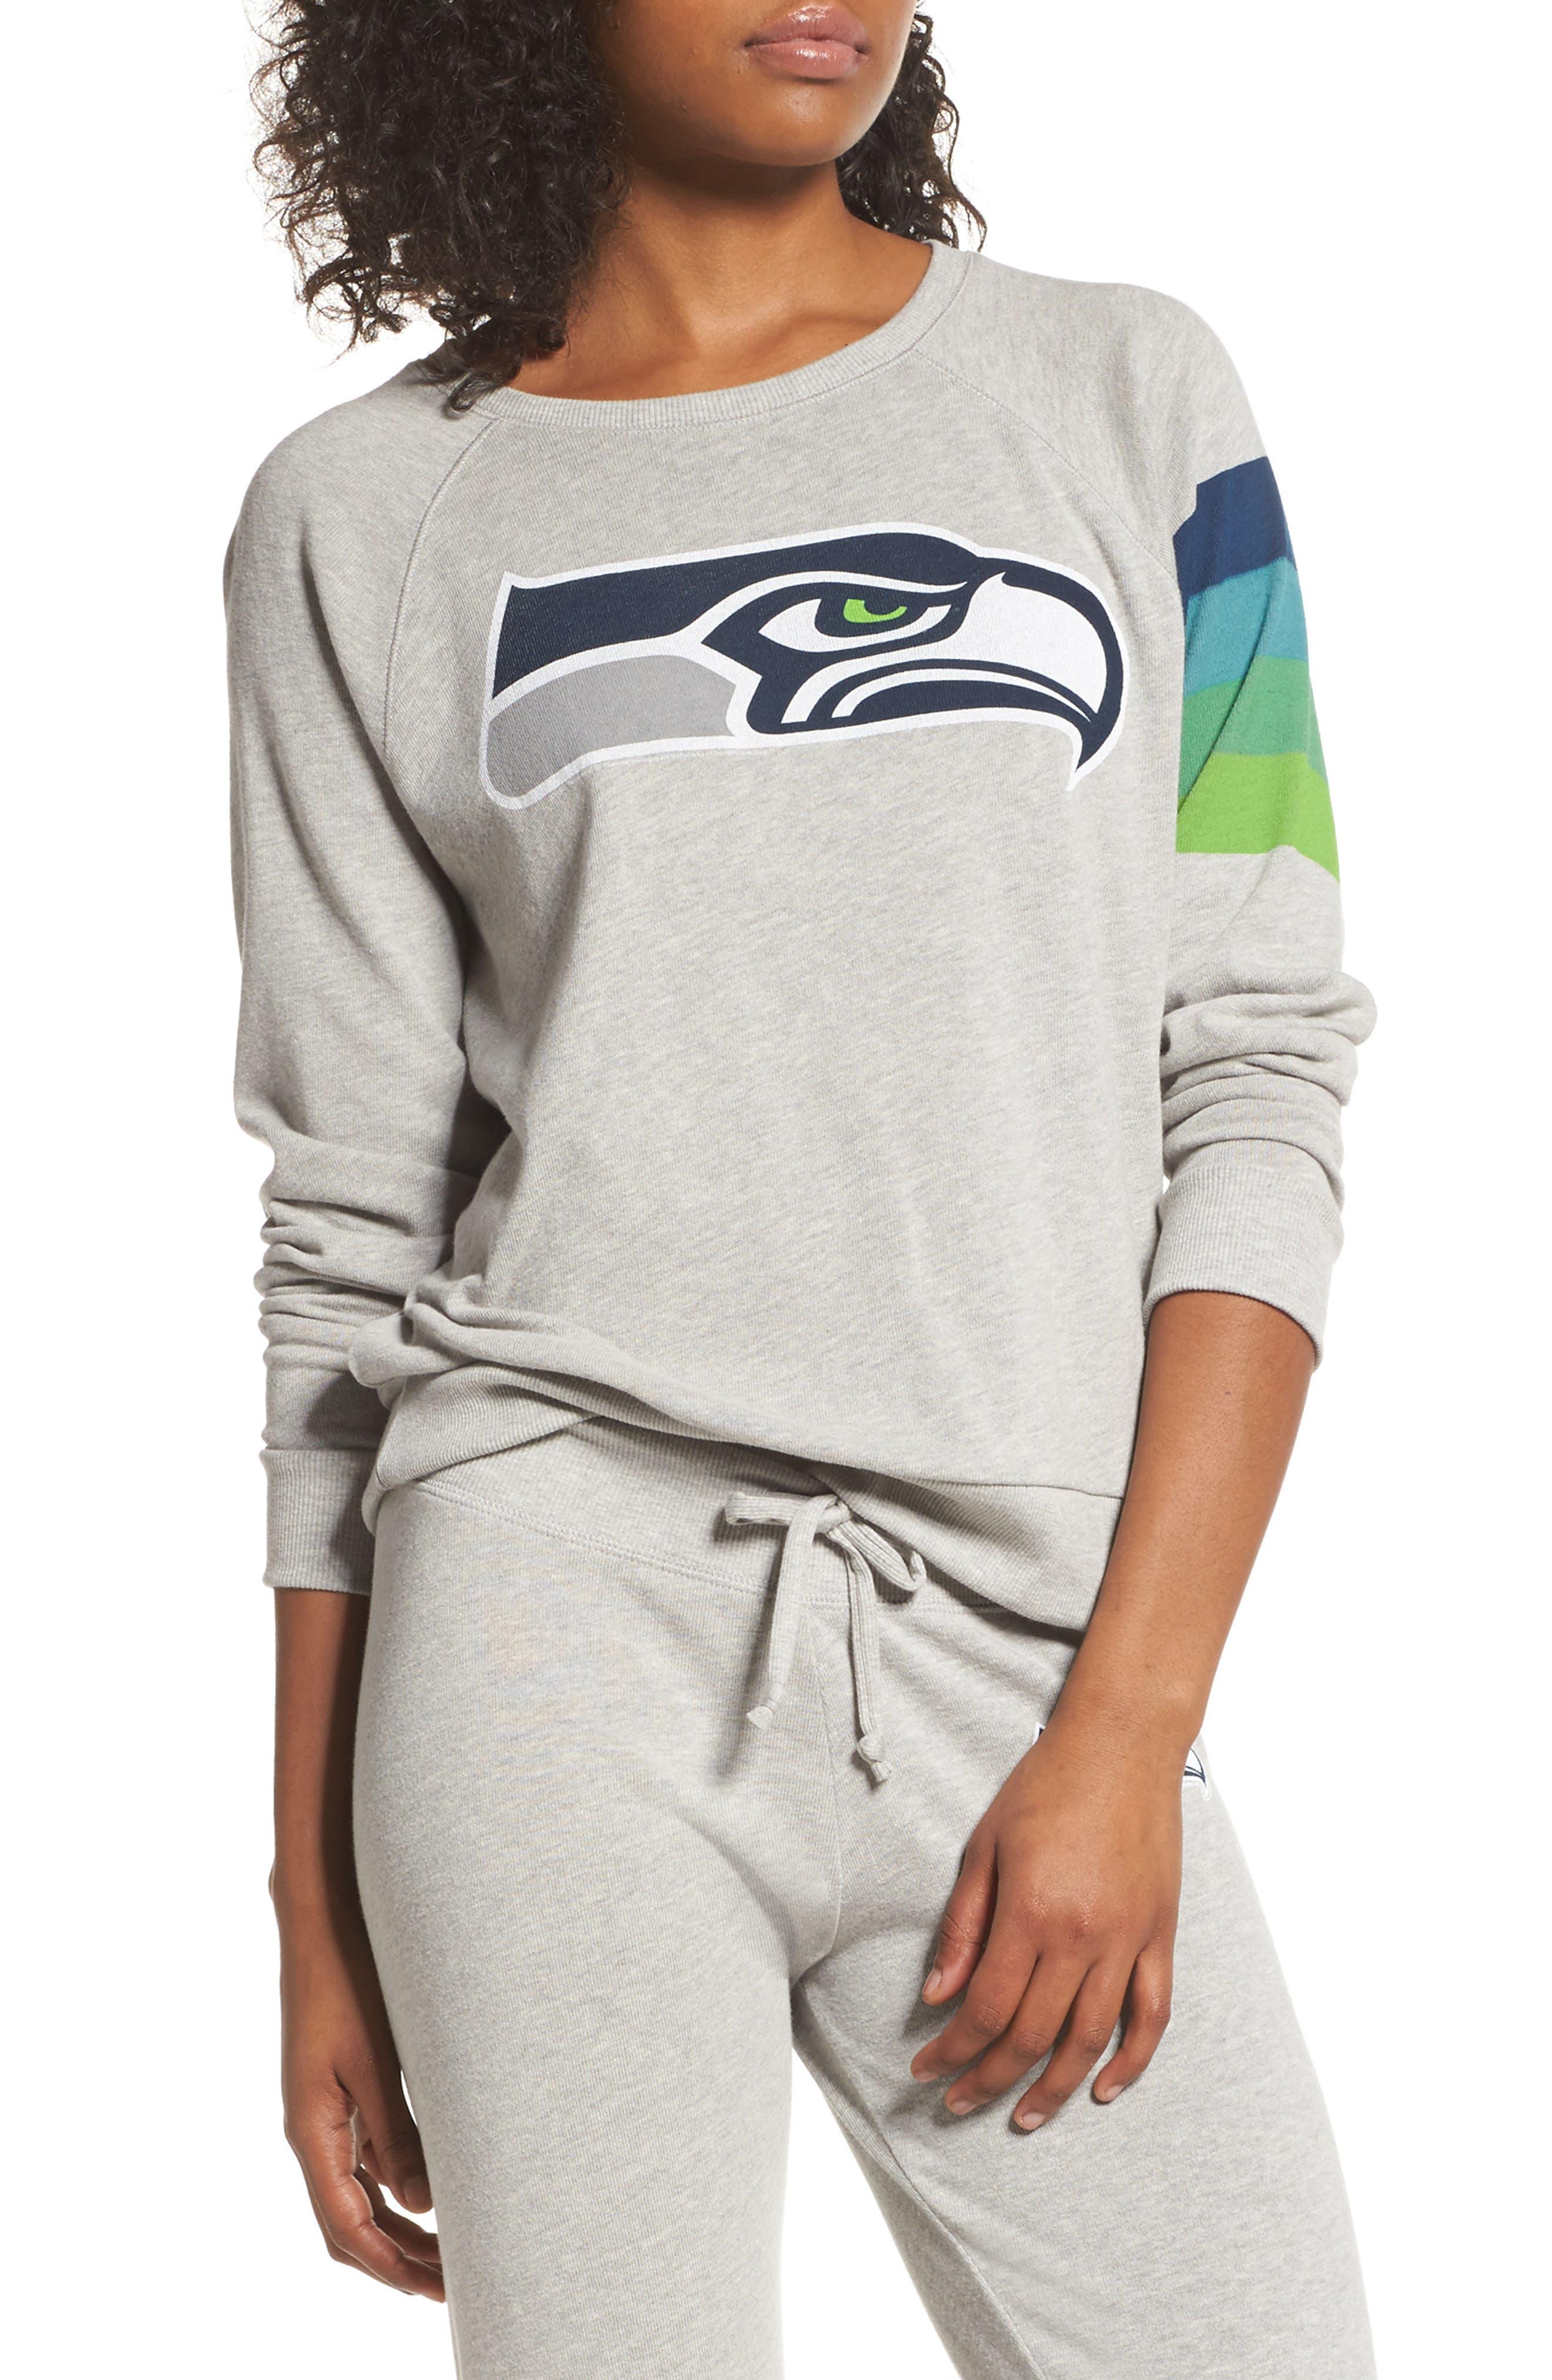 Alternate Image 1 Selected - Junk Food NFL Seattle Seahawks Hacci Sweatshirt (Nordstrom Exclusive)